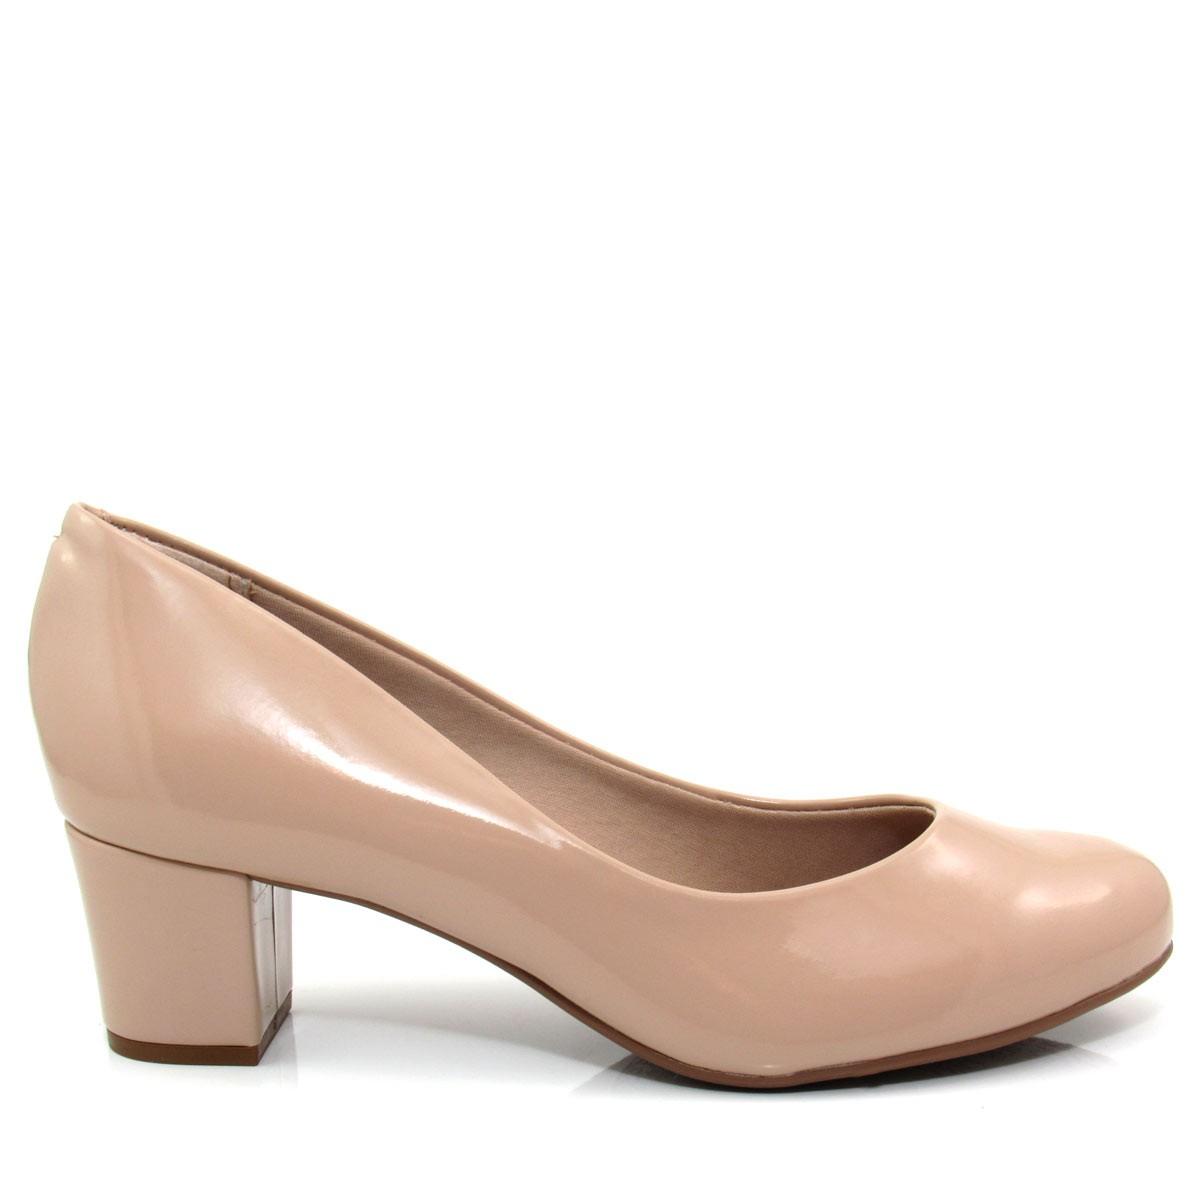 5f6569d79 Sapato Feminino Beira Rio 4777309 Coleção 2018